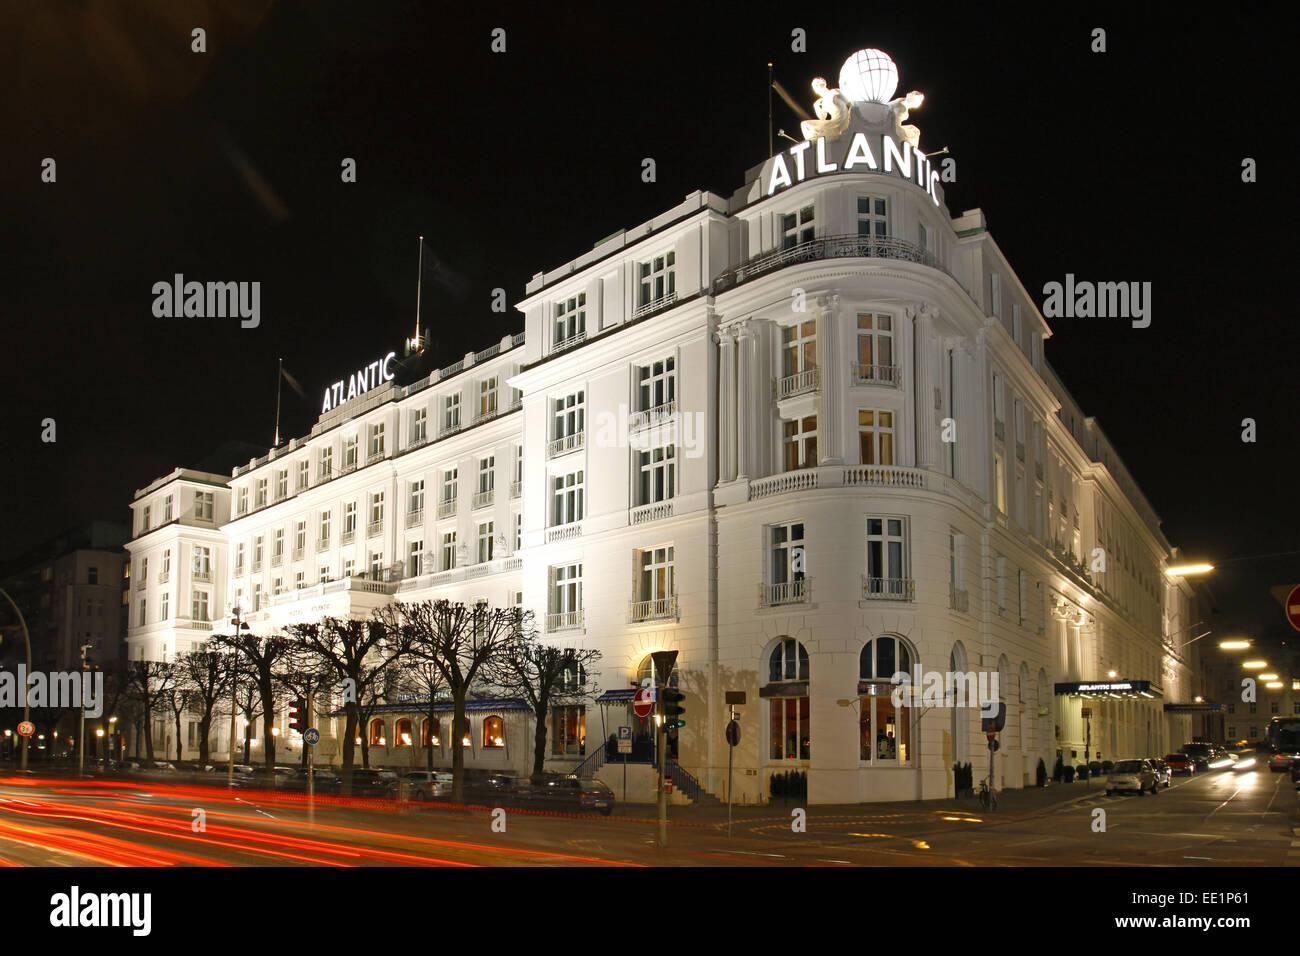 Deutschland, Hamburg, Hotel Atlantic, Nacht, Norddeutschland, Hansestadt, Hotelgebaeude, Beleuchtung, Gebaeude, - Stock Image